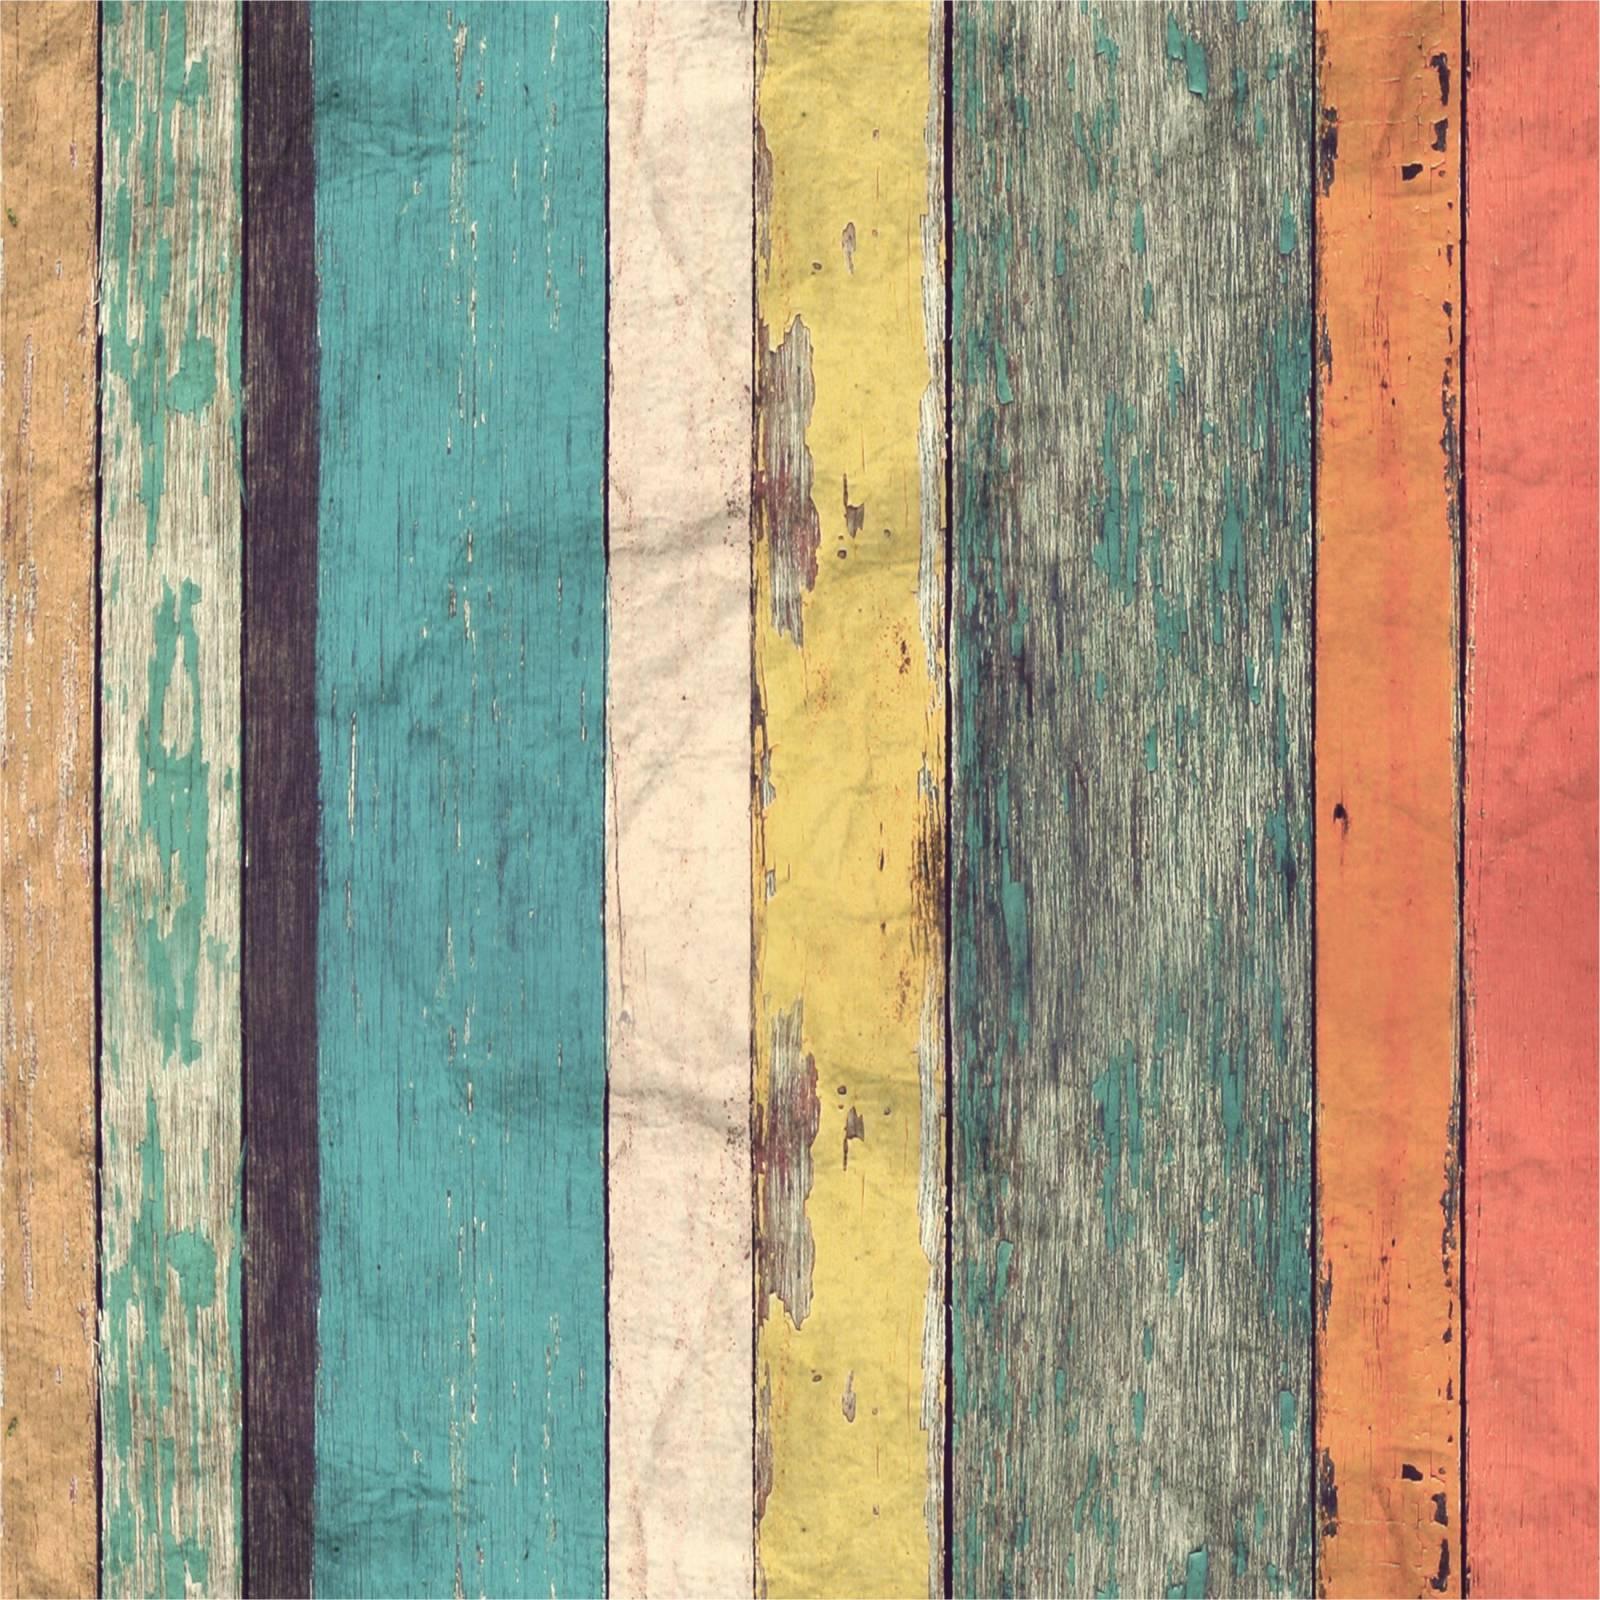 Papel de Parede Madeira Colorida | Adesivo Vinilico imagem 1